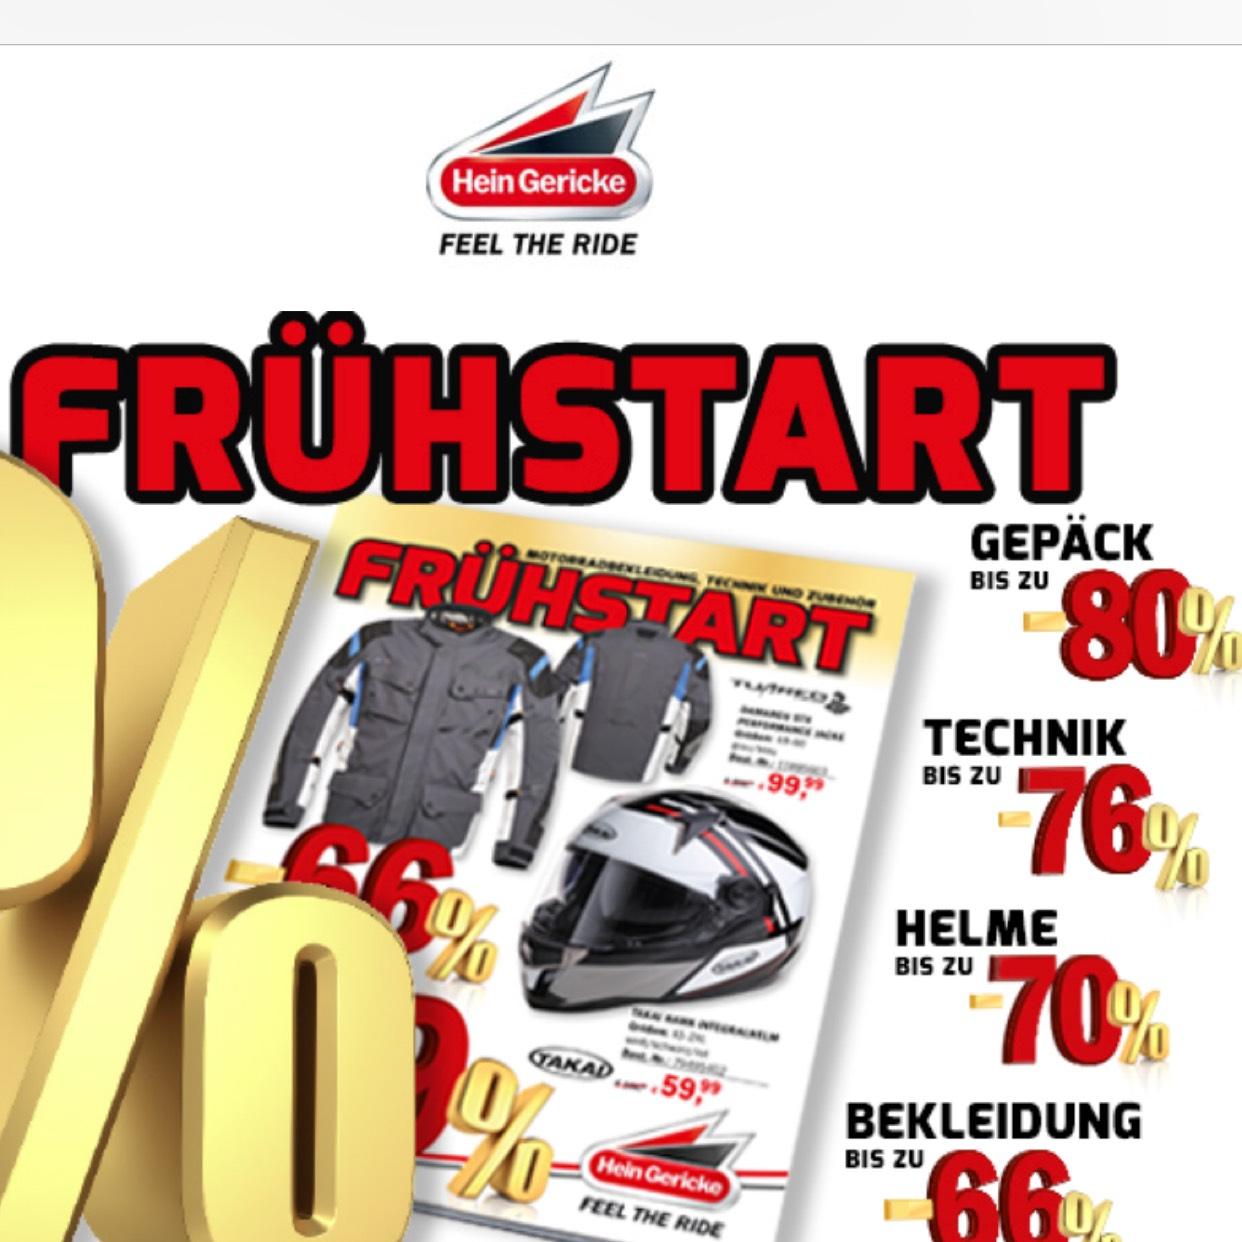 Bis zu 80% Rabatt bei Hein Gericke!! Safety First!